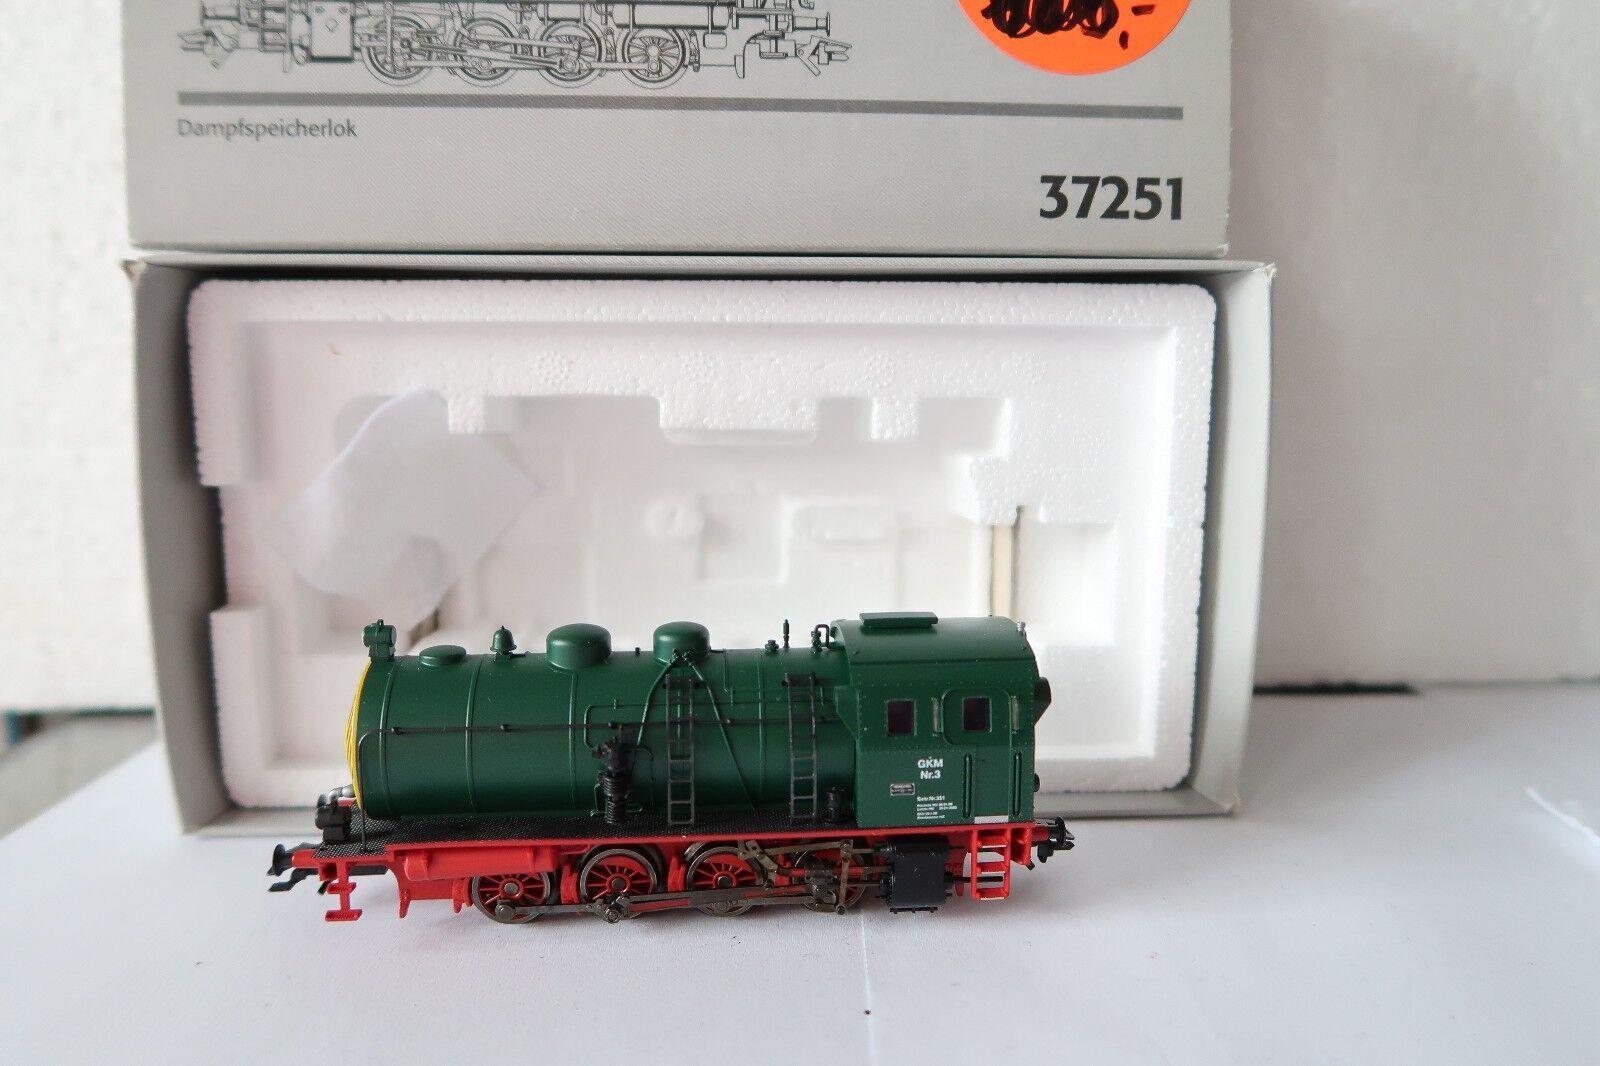 Digital Märklin HO AC 37251 Dampfspeicher Nr 3 GKM  (AC 163-35R7 13)